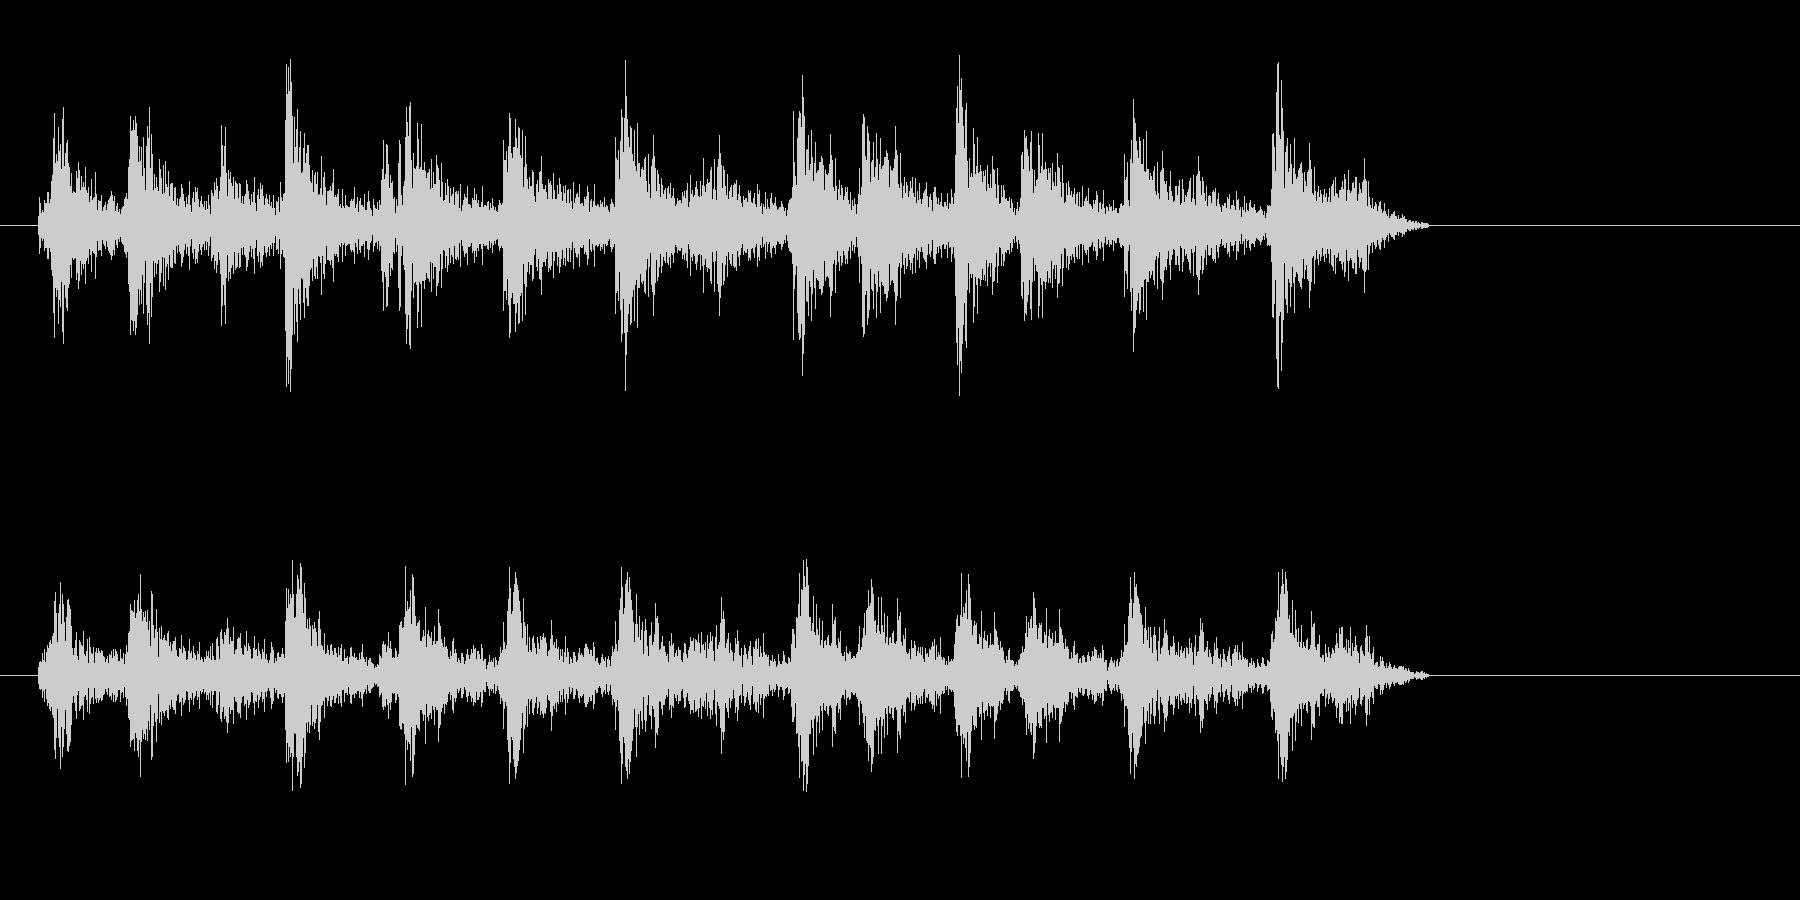 ジリリ(ゼンマイを巻くような音)の未再生の波形